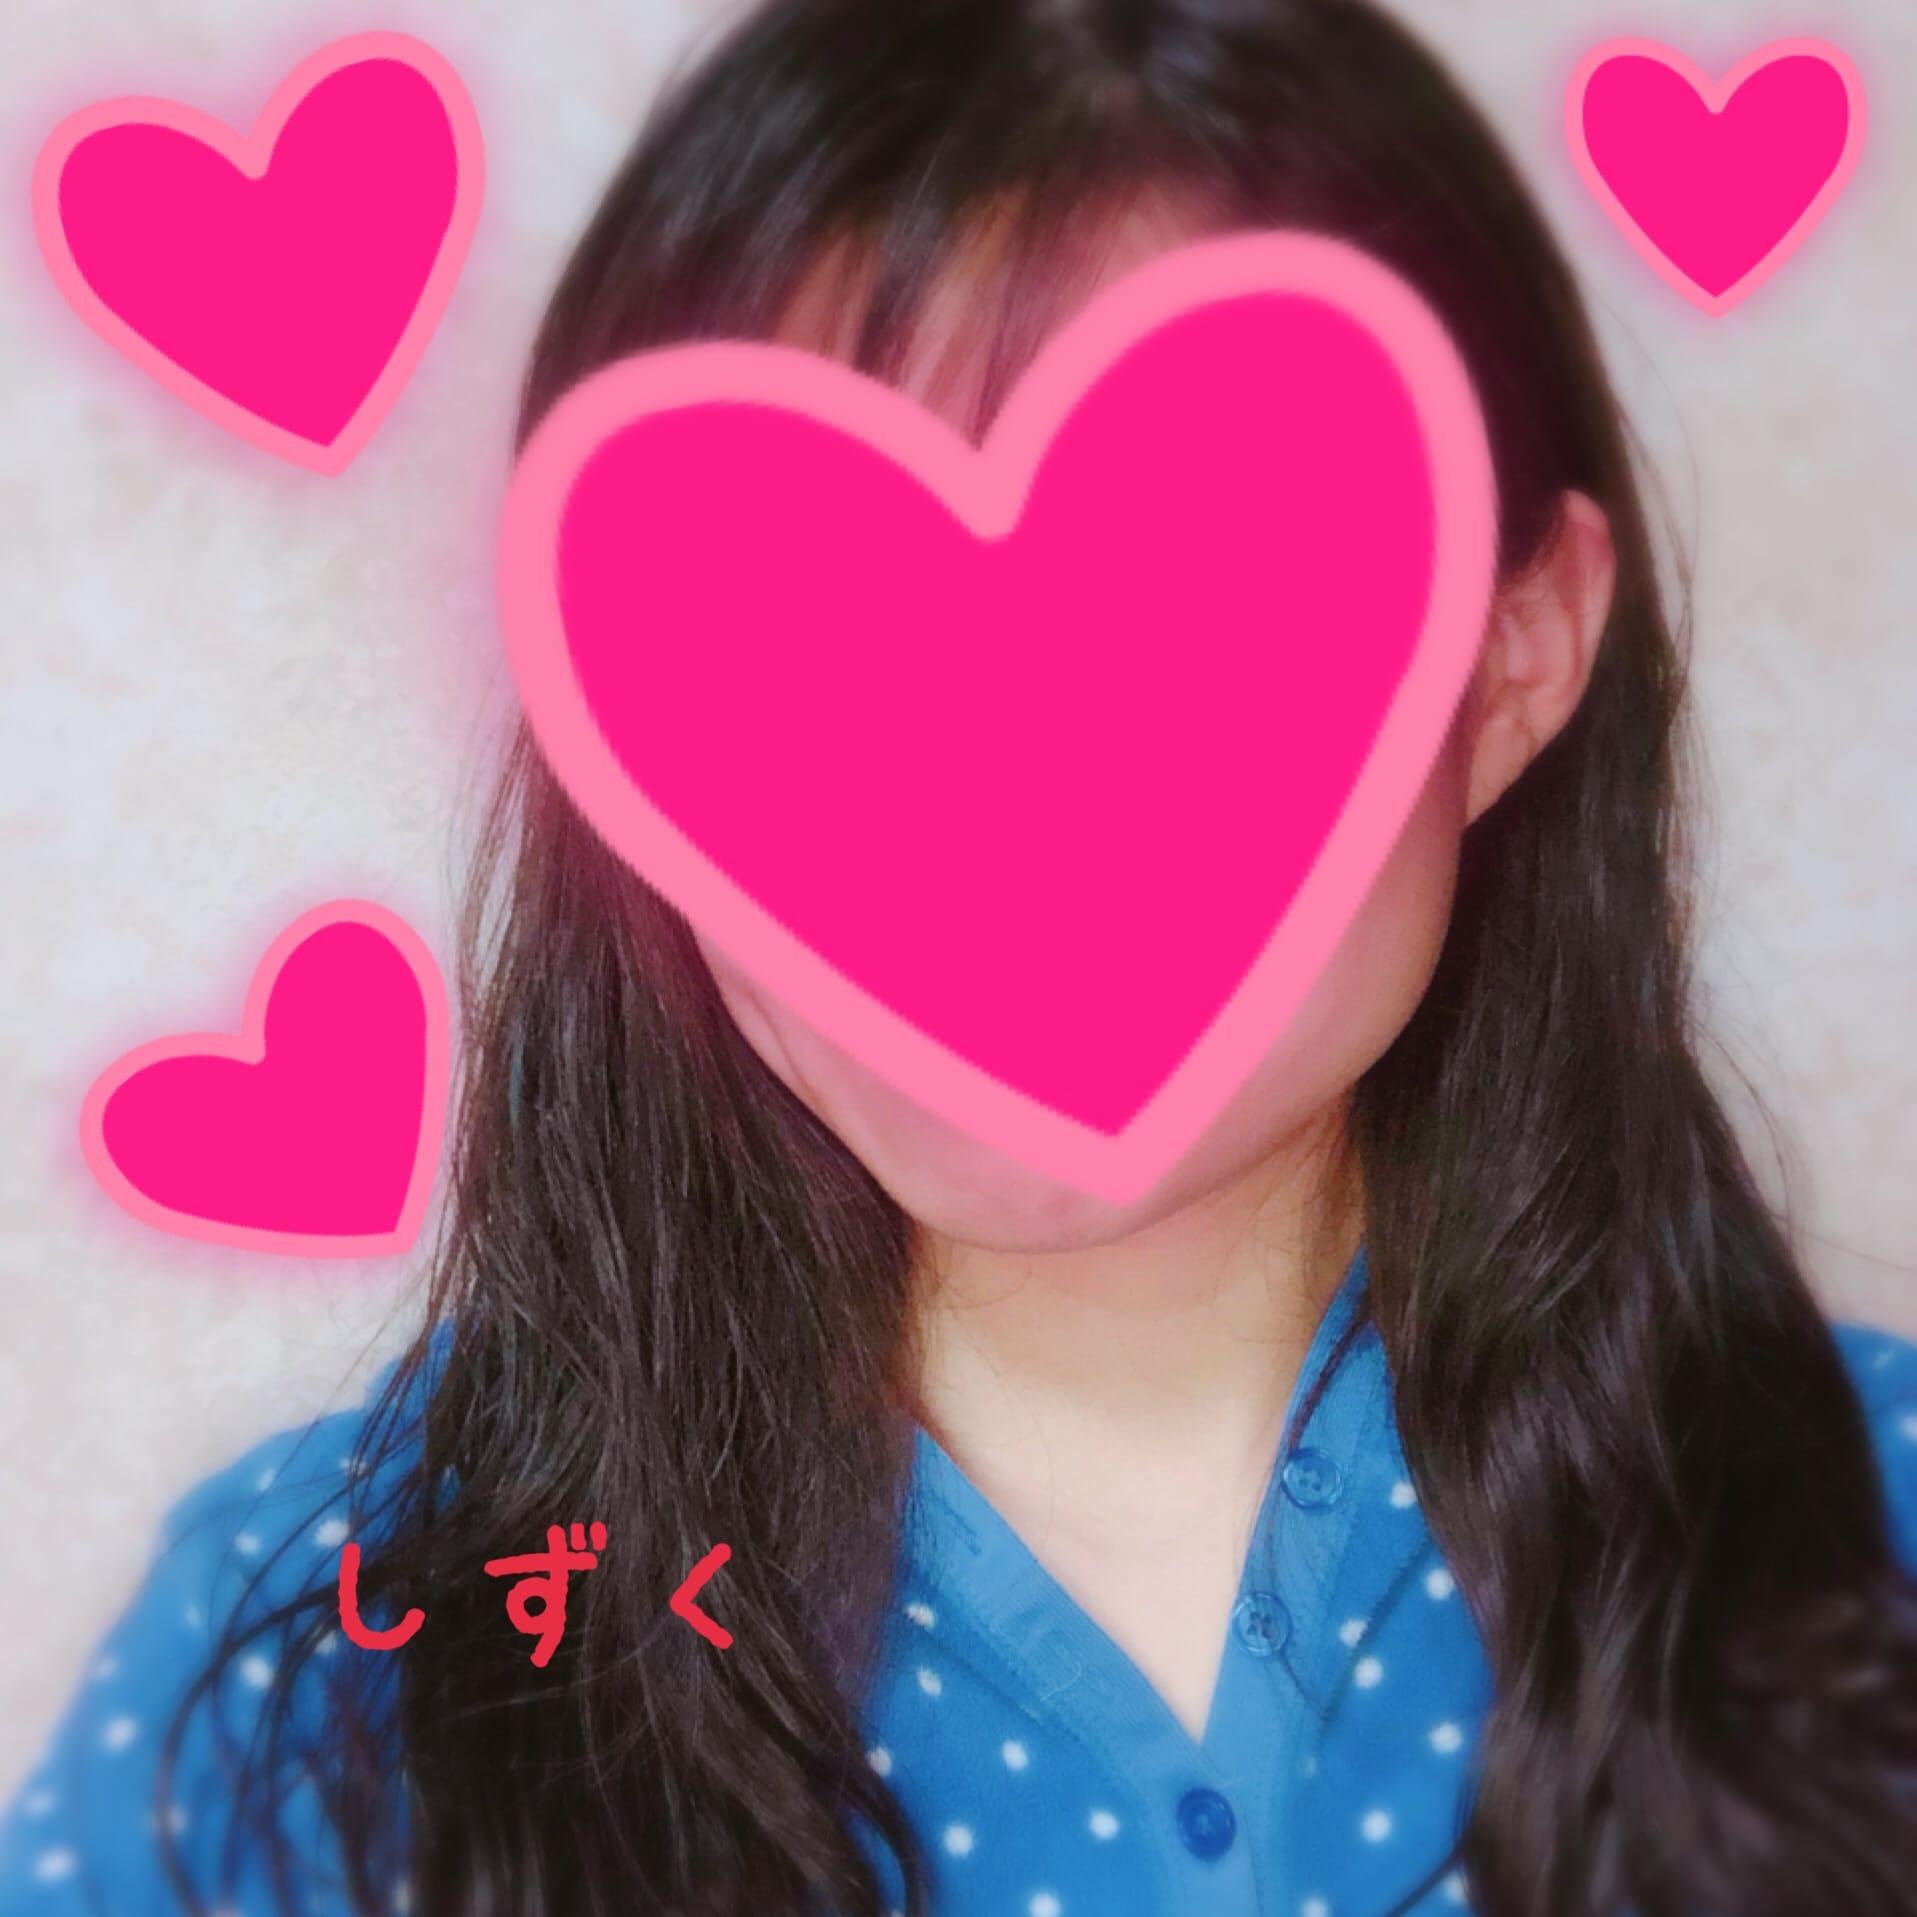 体験☆しずく「はじめまして〜〜」11/20(月) 20:50 | 体験☆しずくの写メ・風俗動画